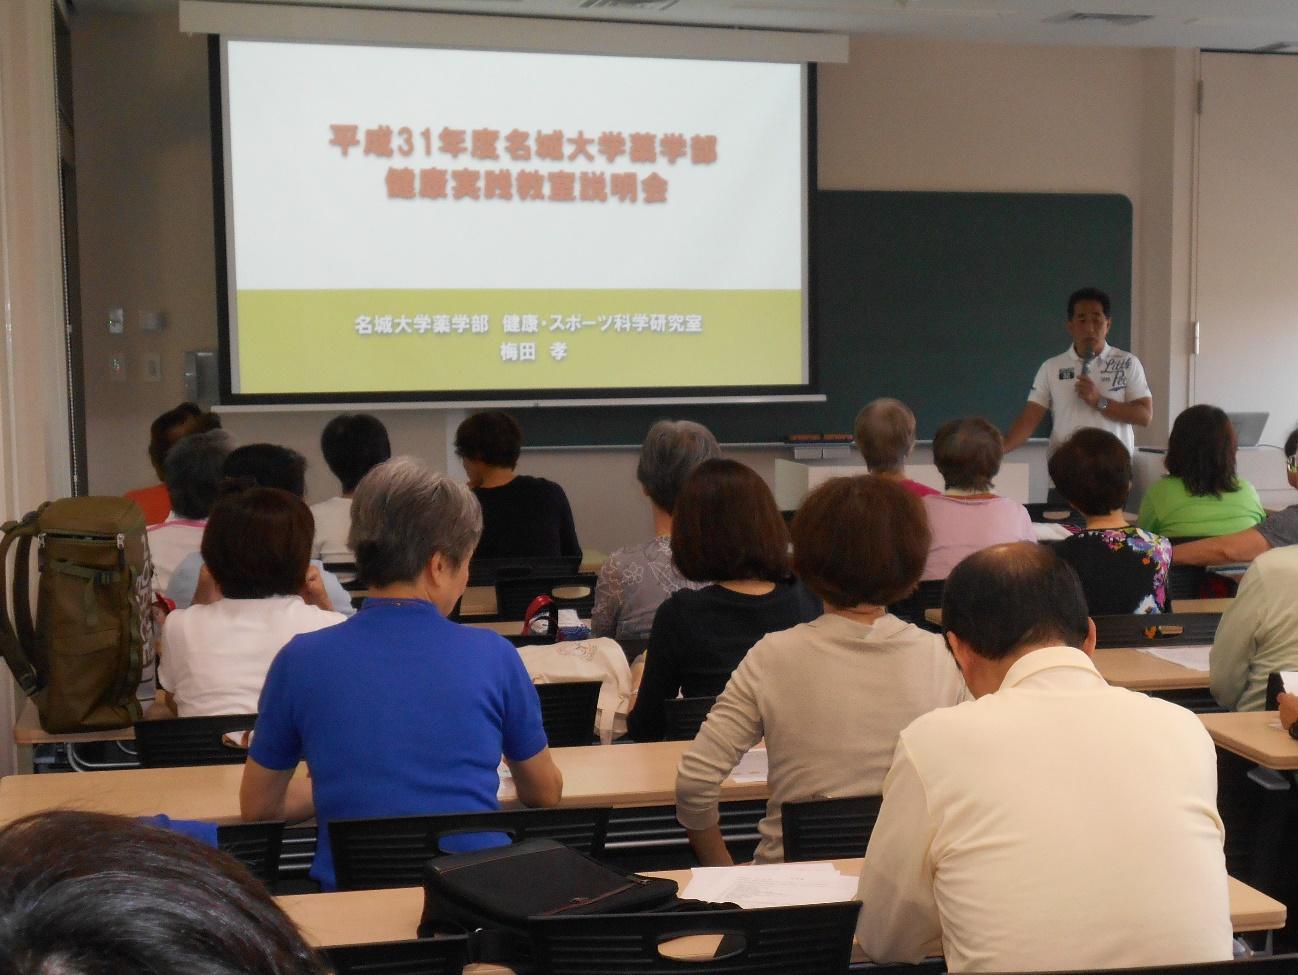 4期目の健康実践教室に臨む梅田孝教授